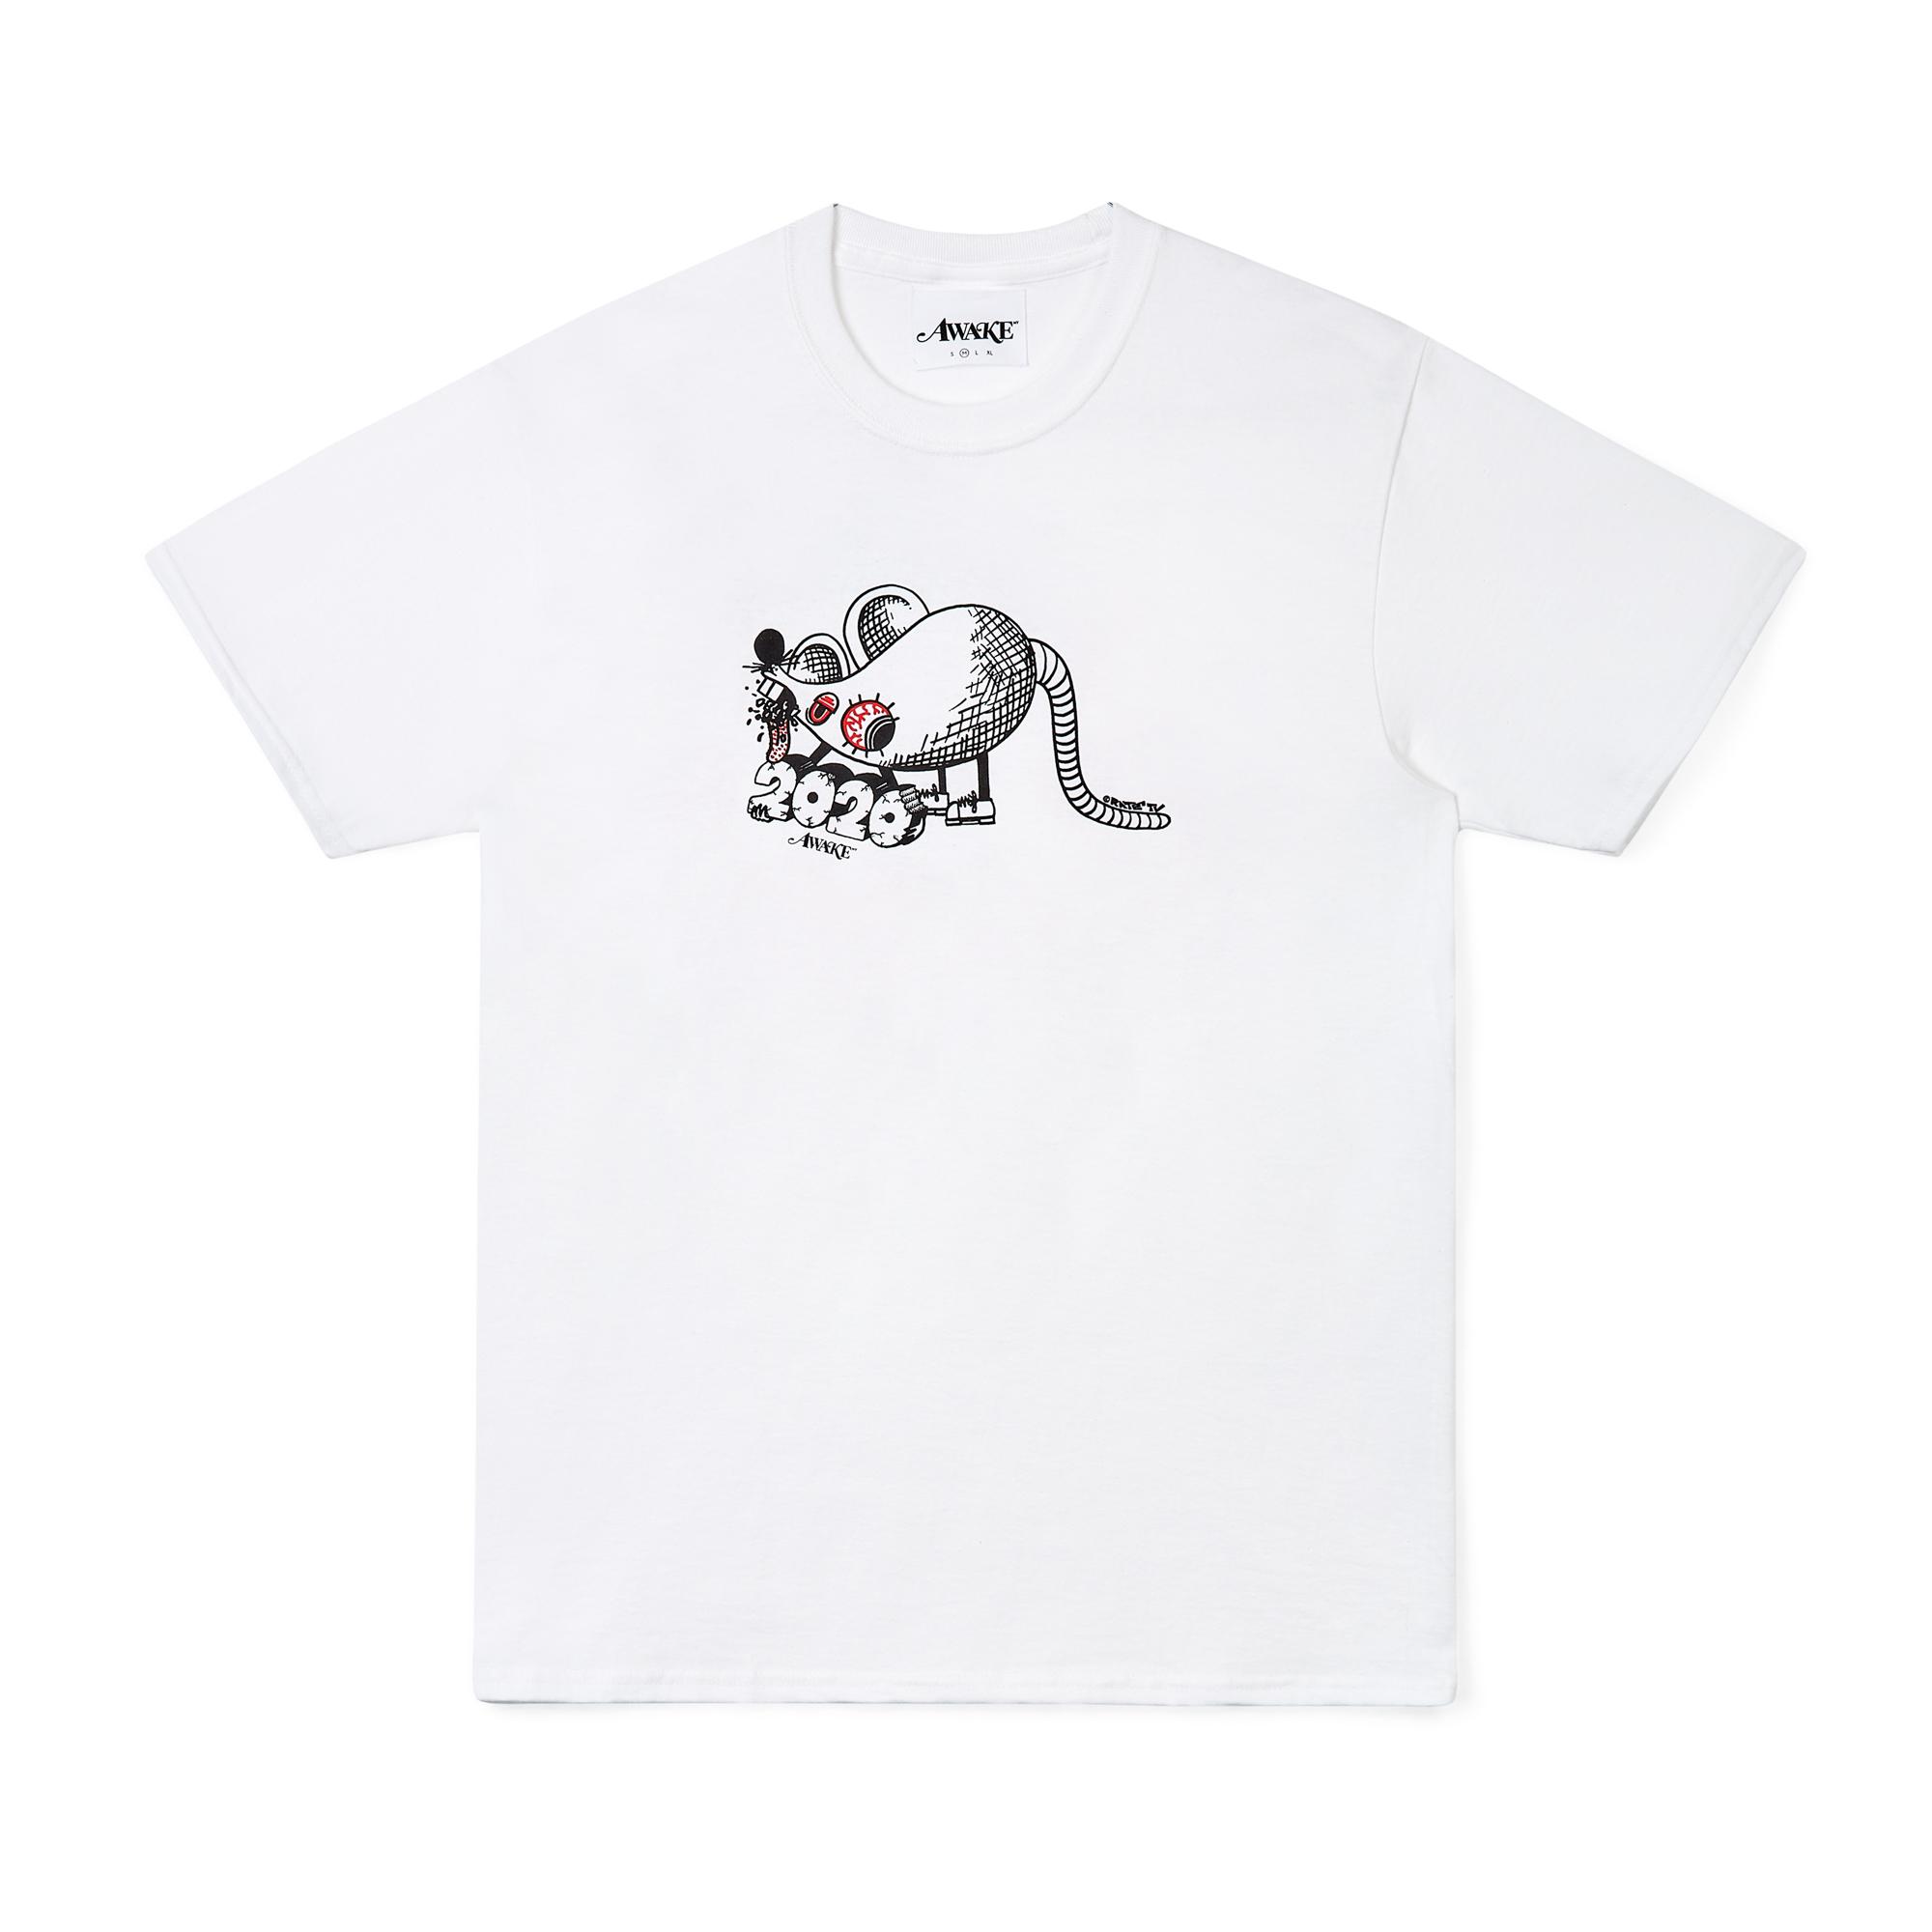 YOTR-T-shirts_Awake_019.jpg